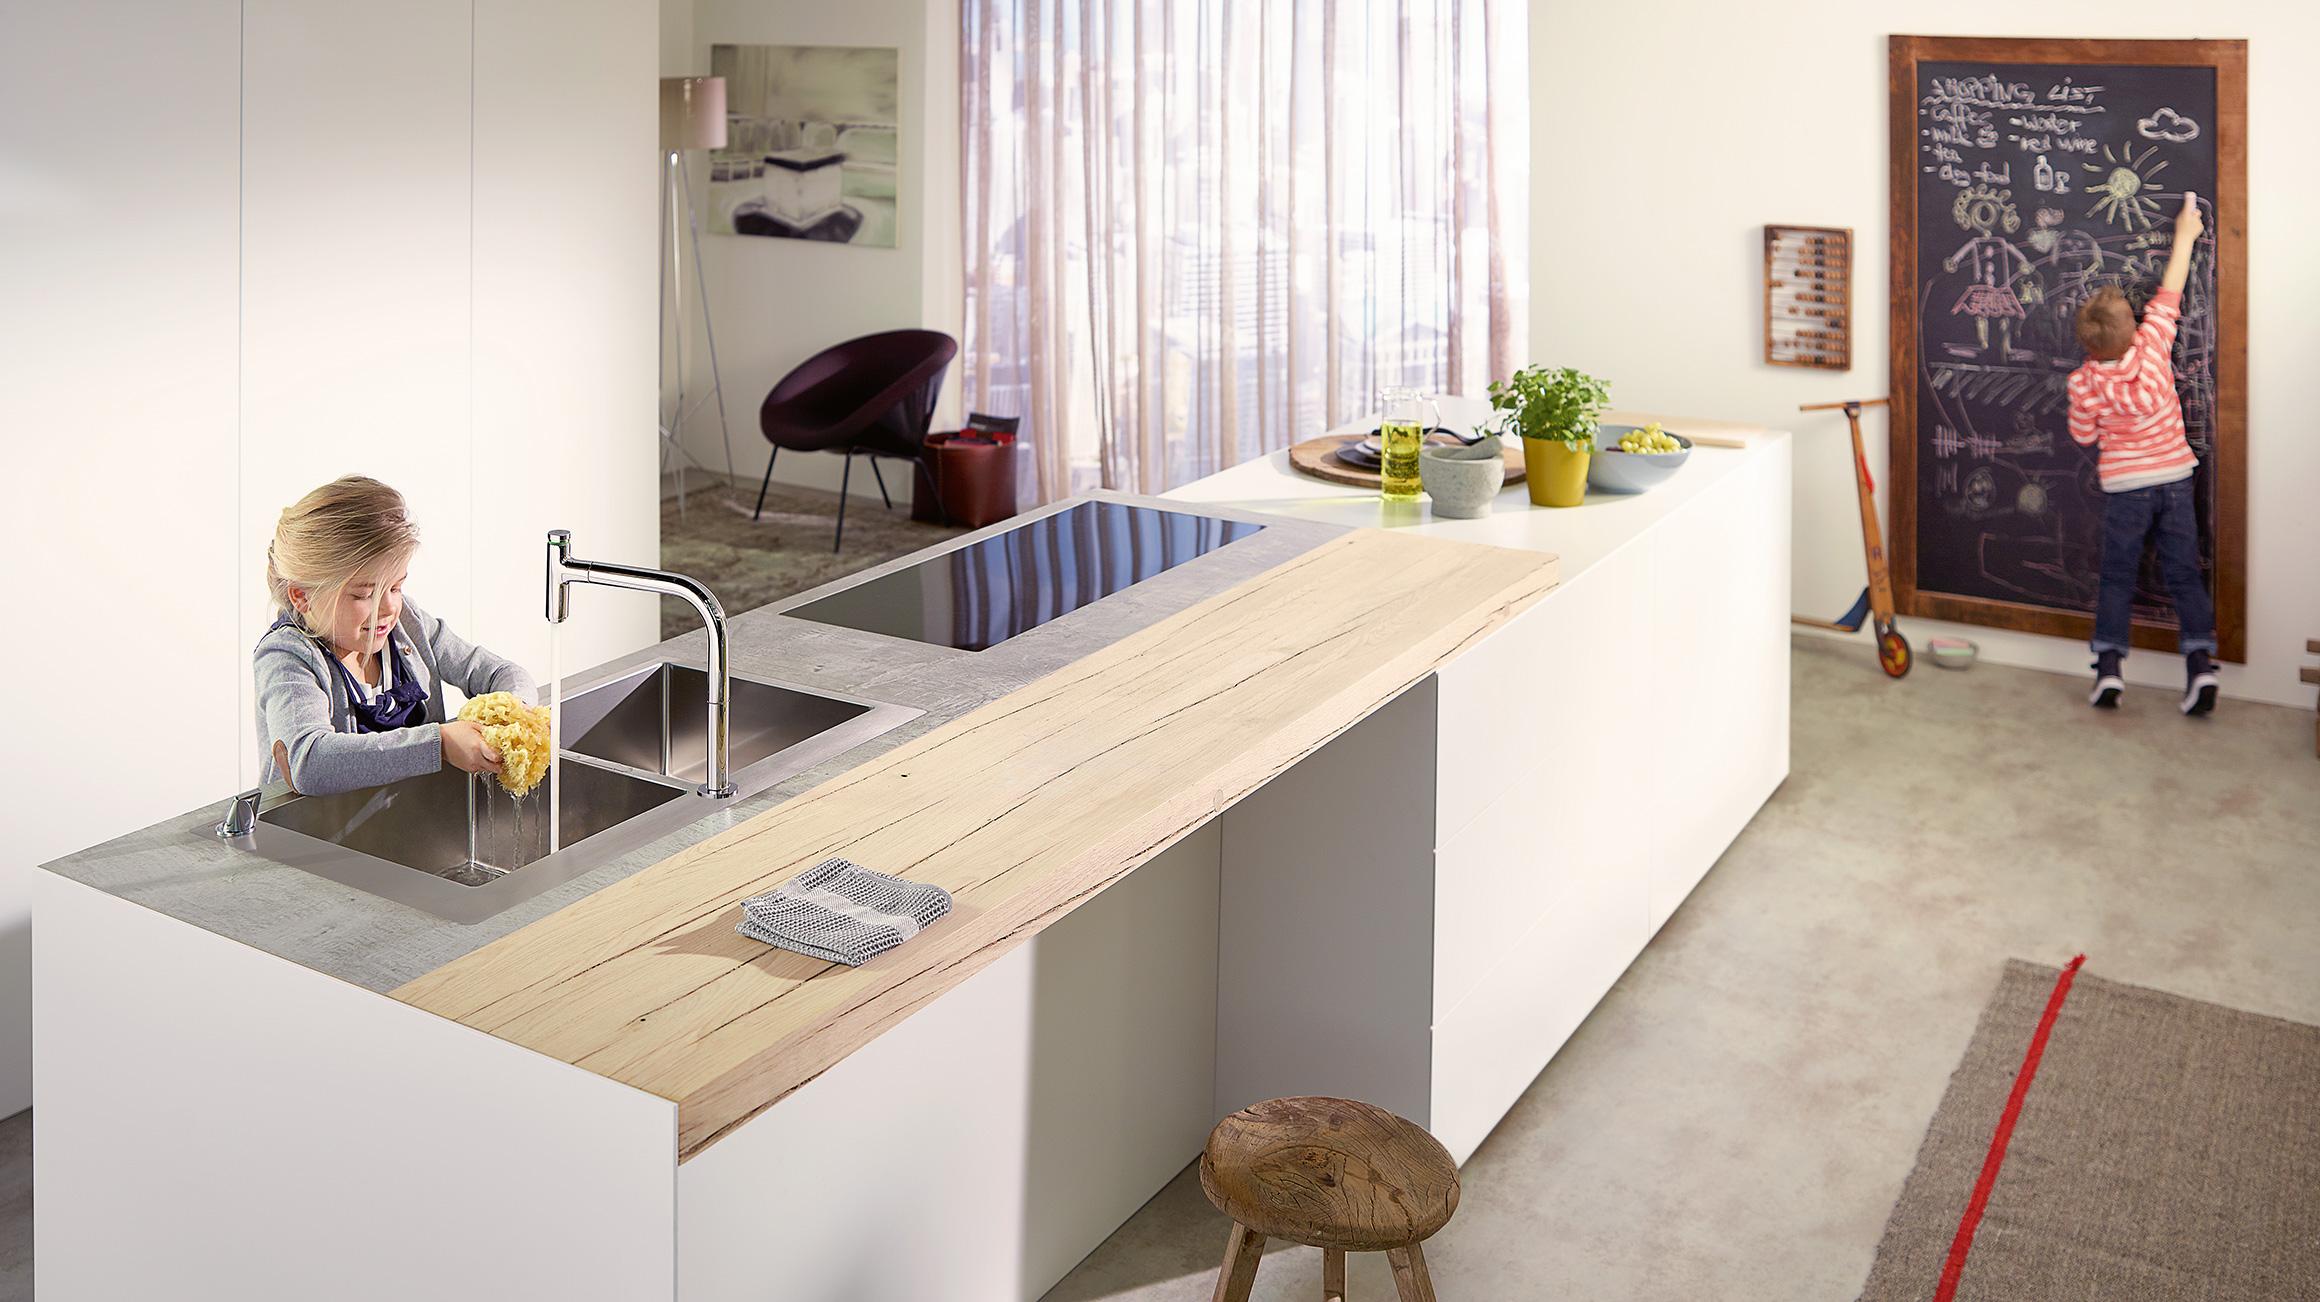 Moderne Open Keukens : De open keuken is een trend u ontdek hier sterke ideeën hansgrohe be